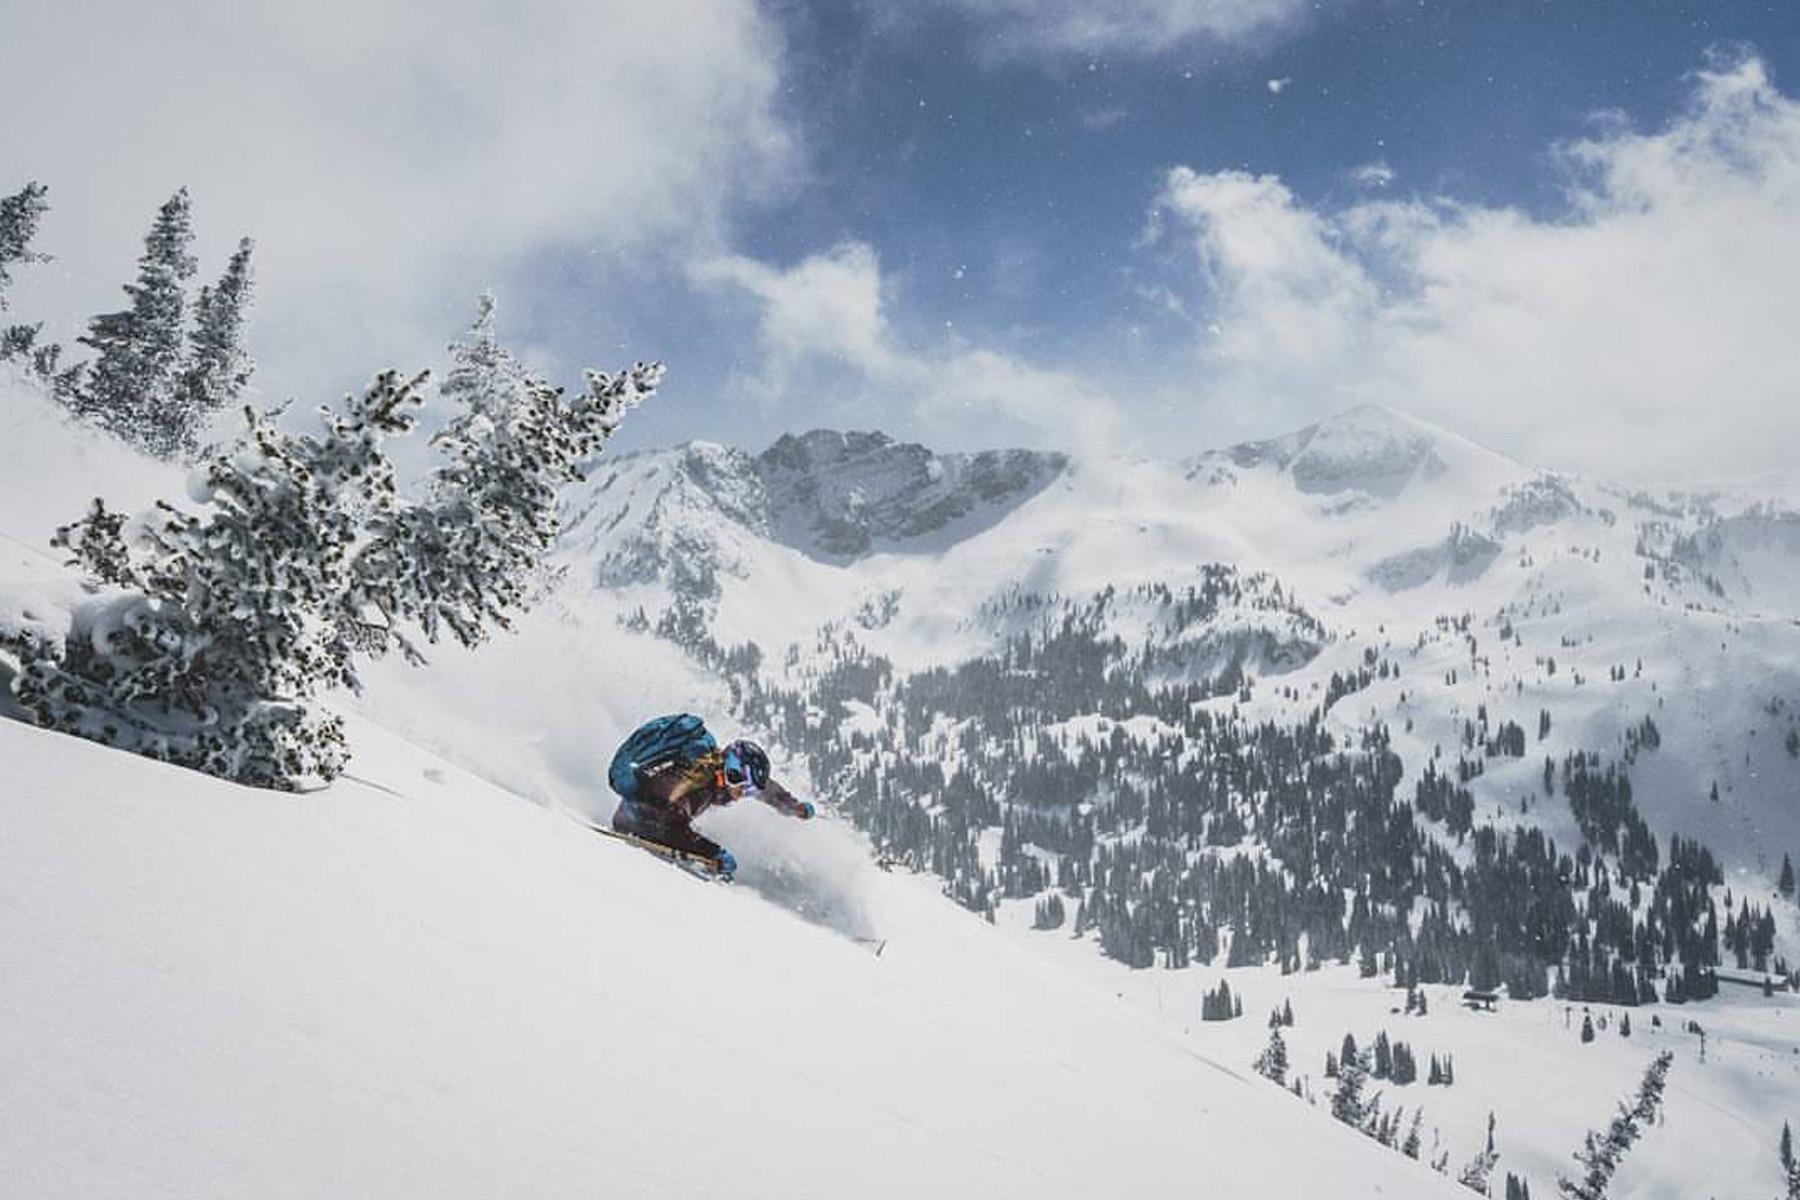 utah ski resort opening & closing dates